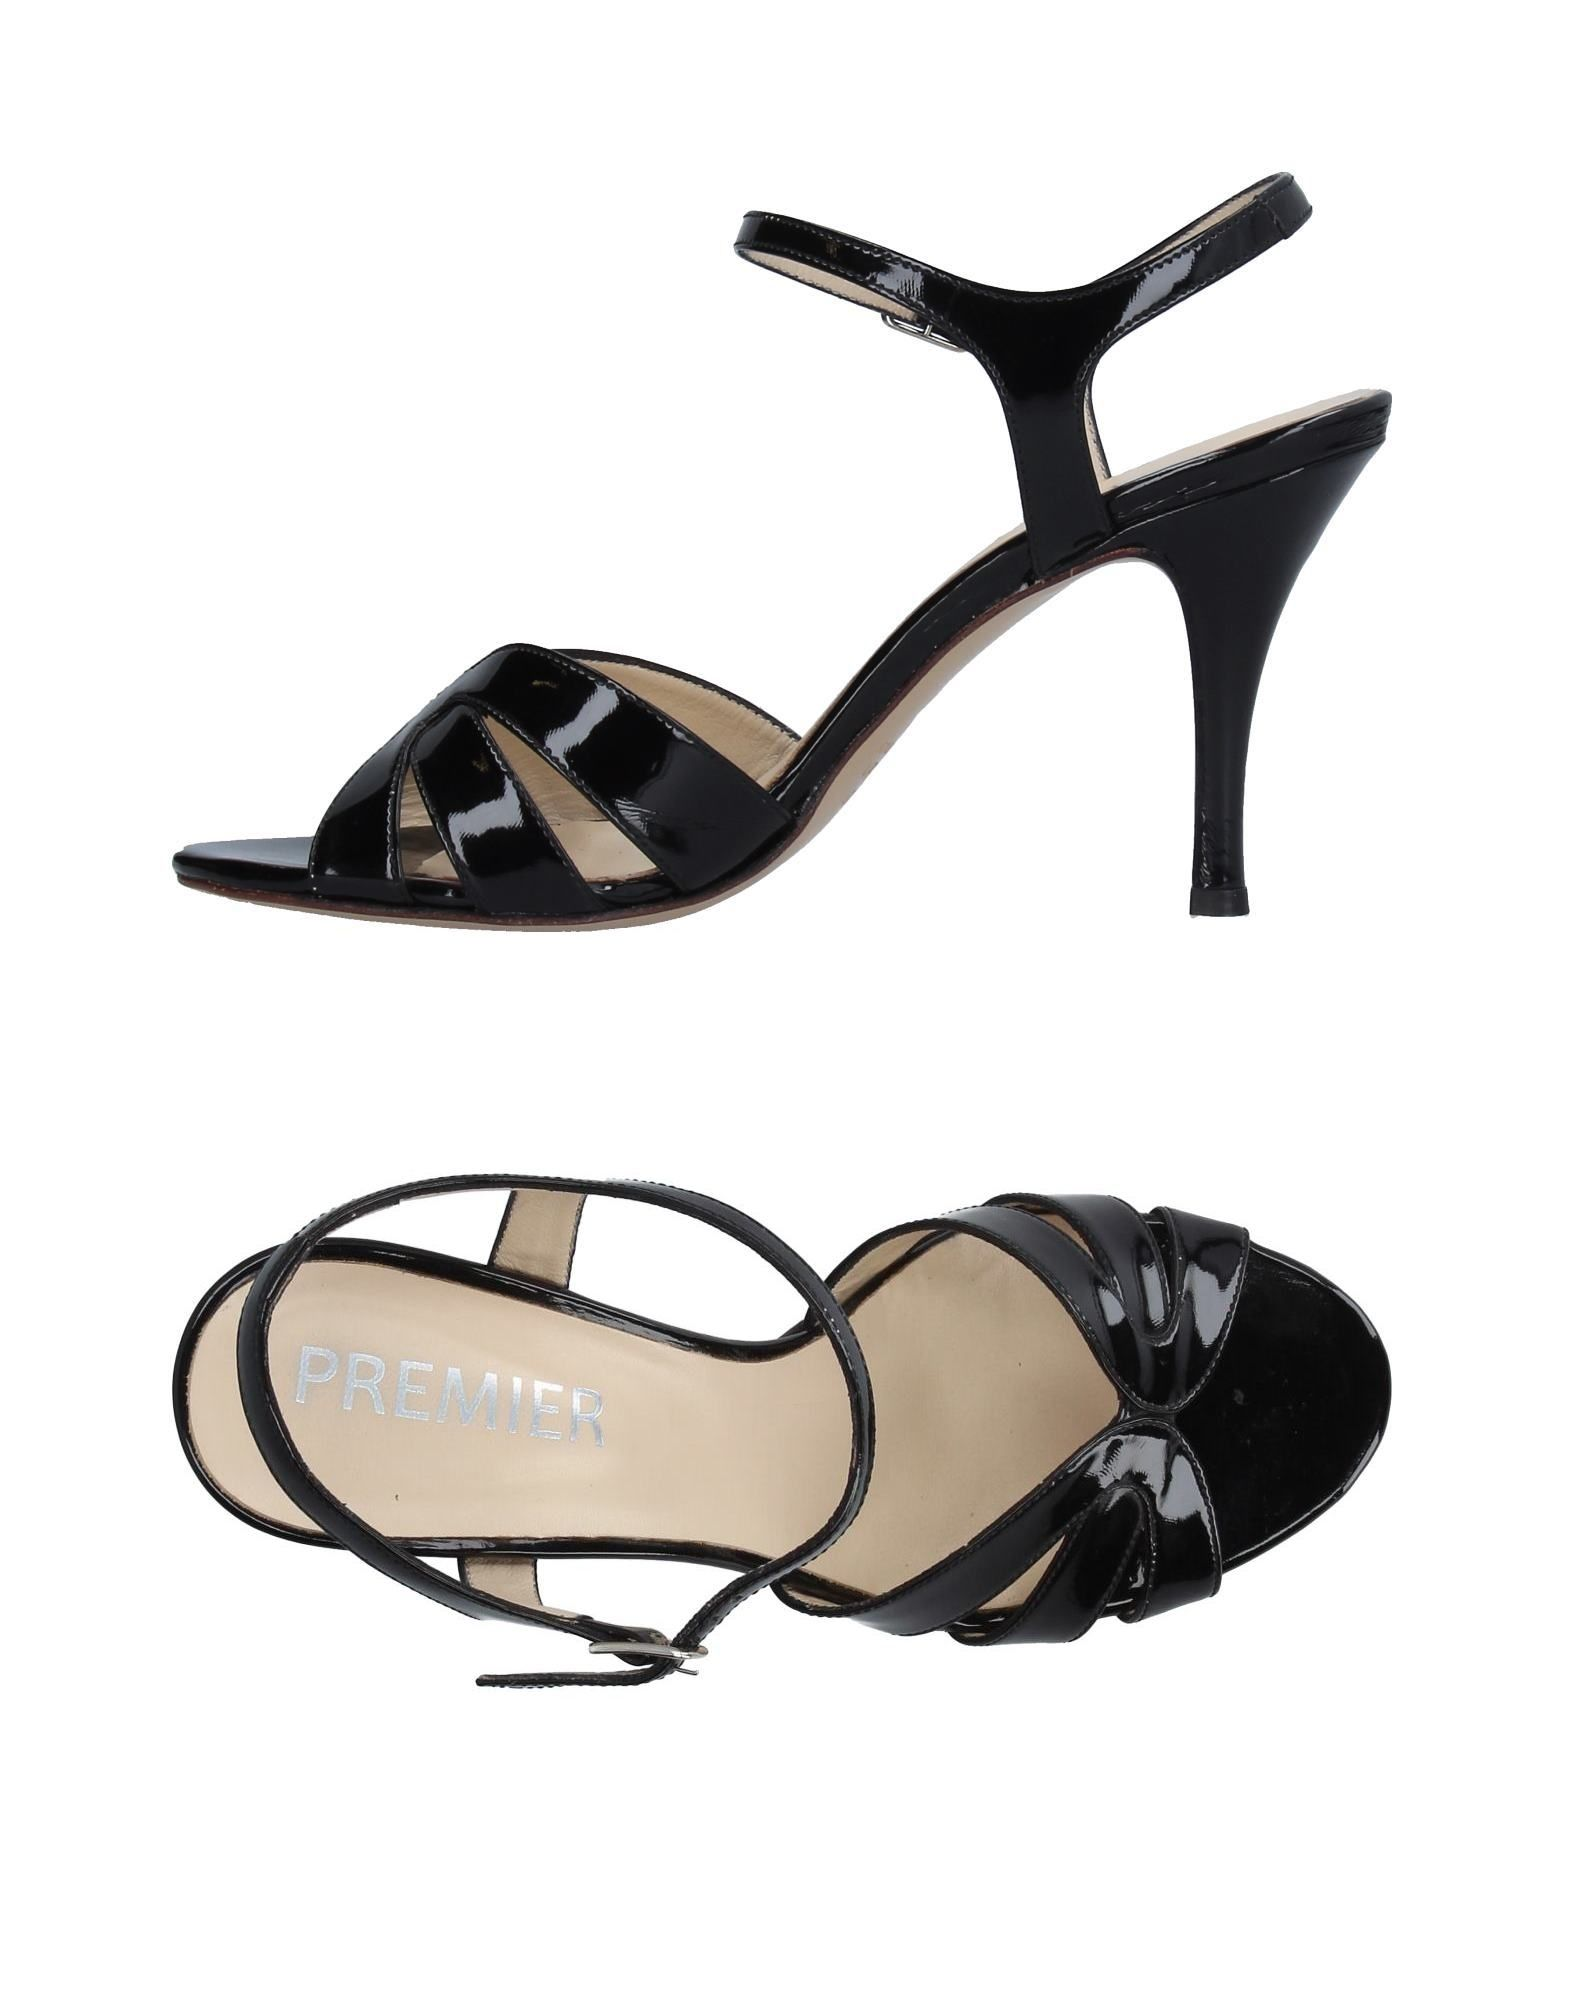 Sandali Premier Donna - 11232952SR Scarpe economiche e buone